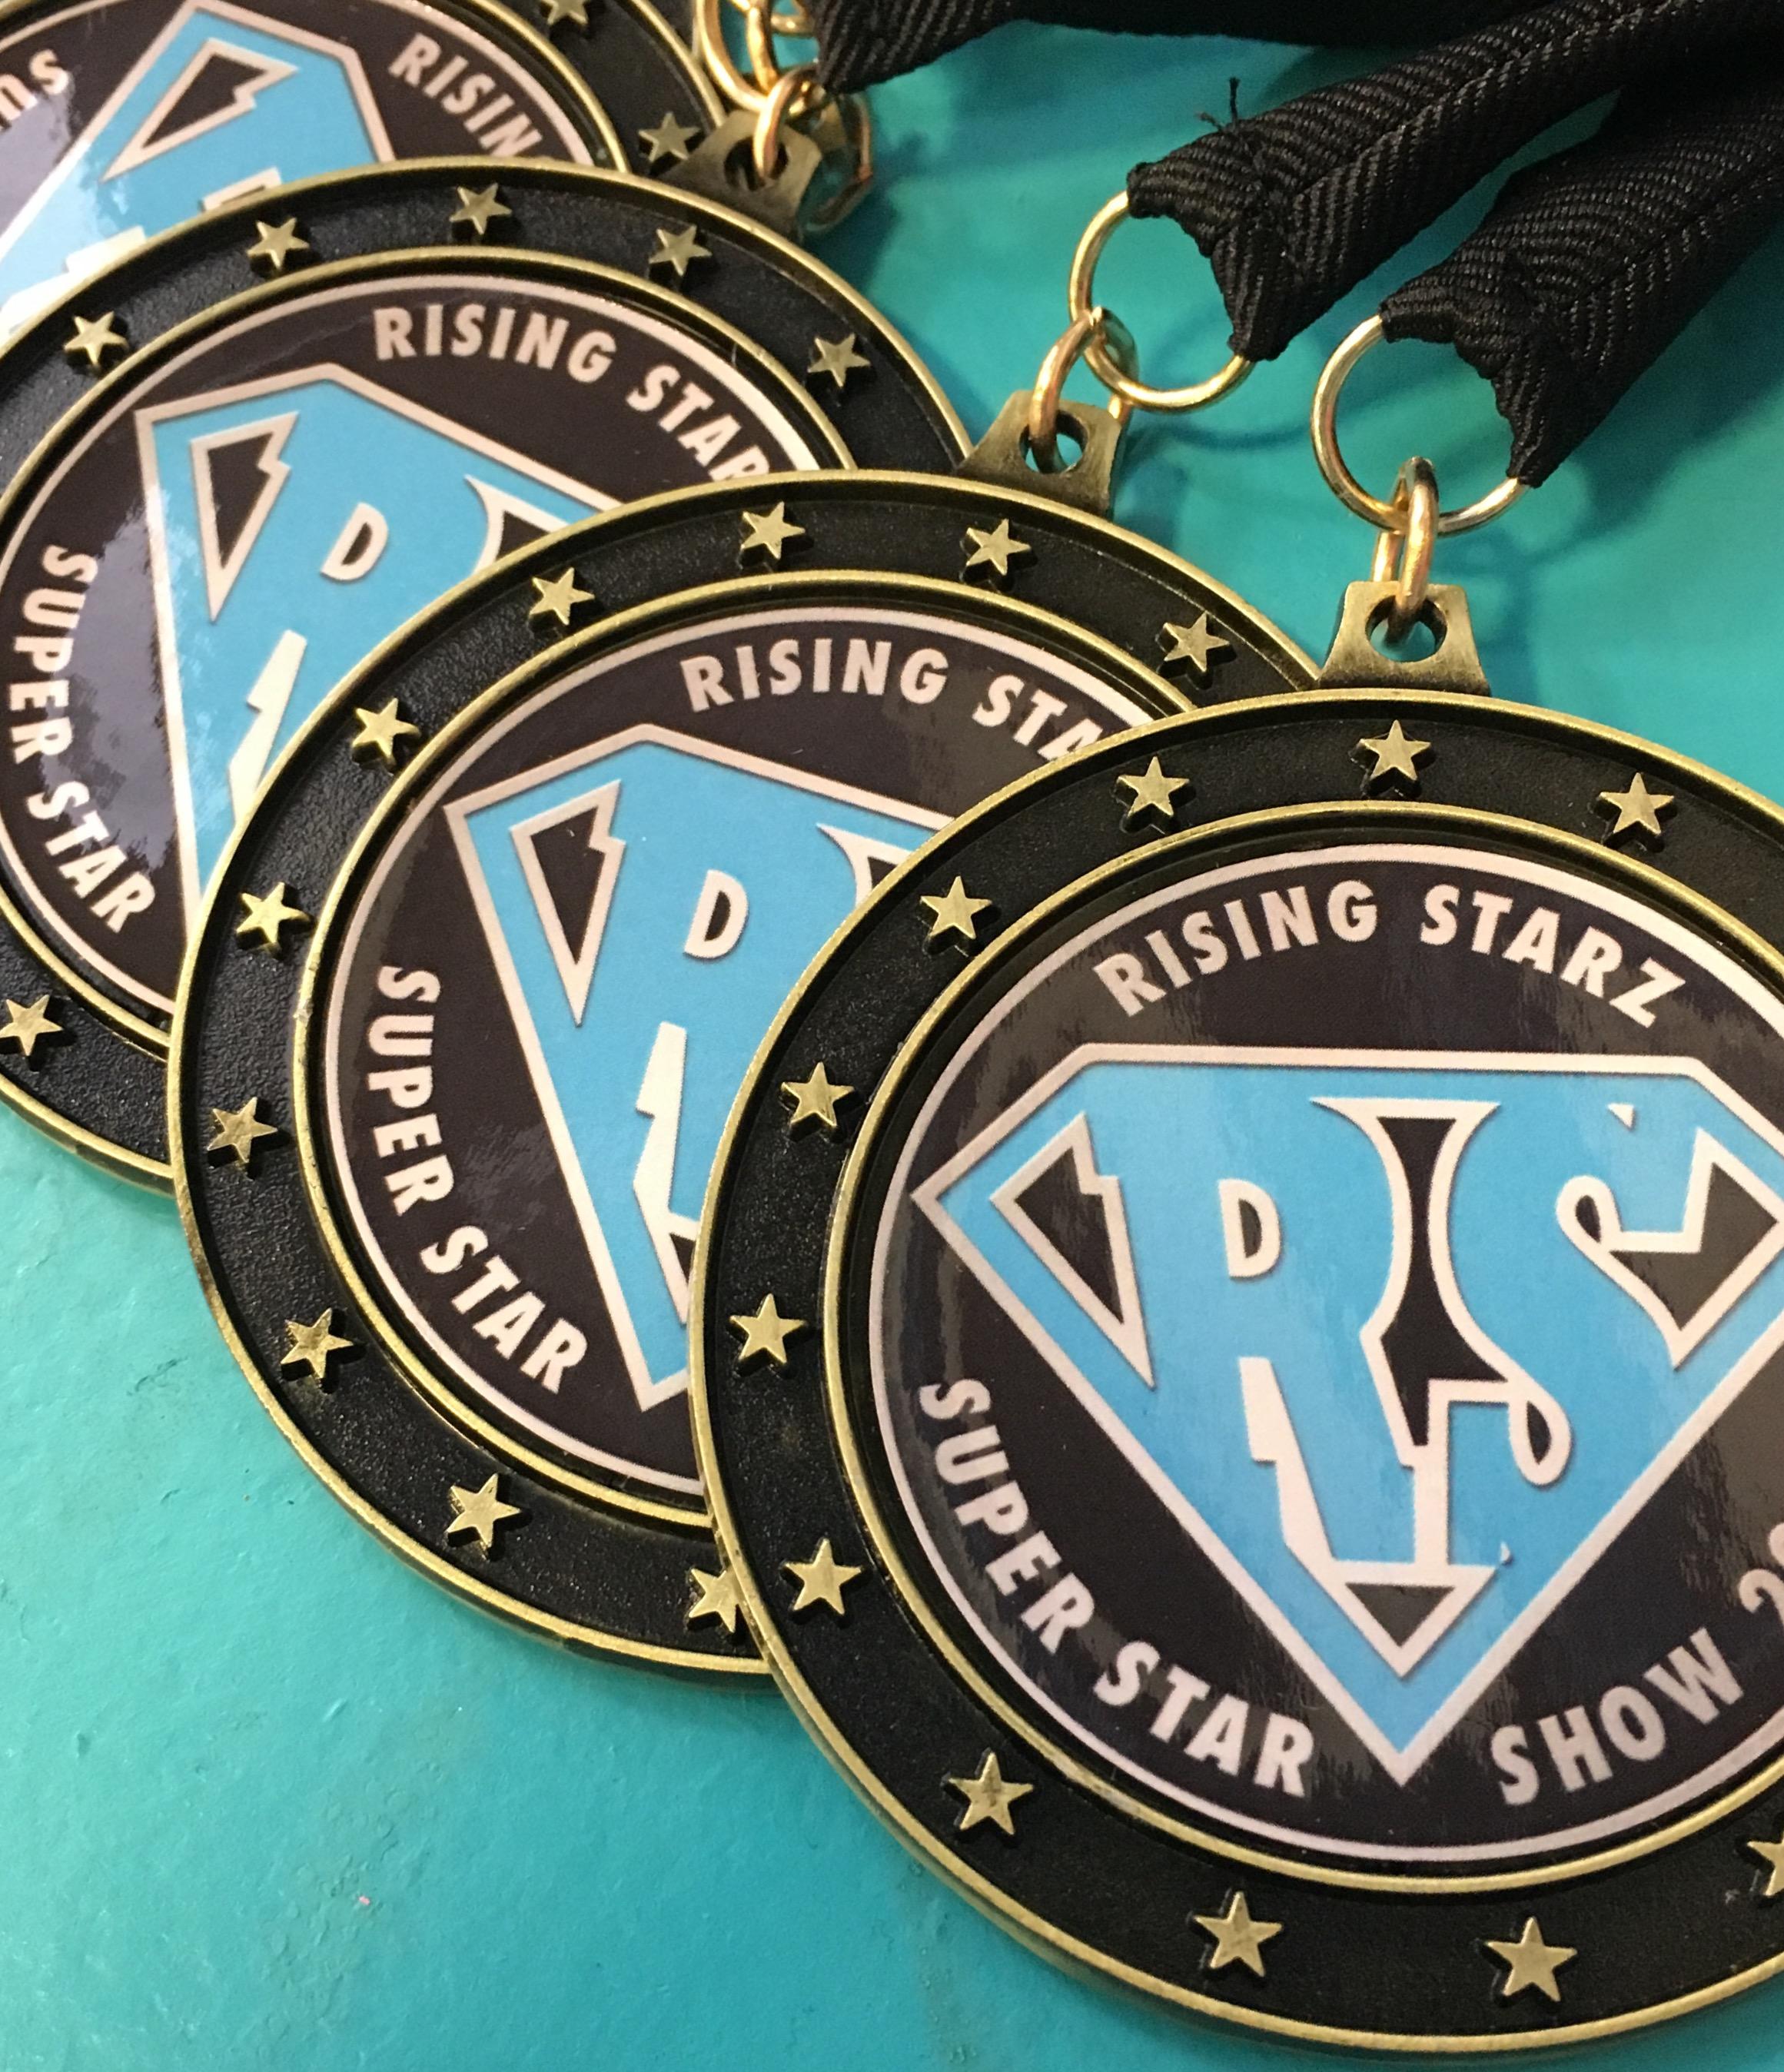 Super Medals!